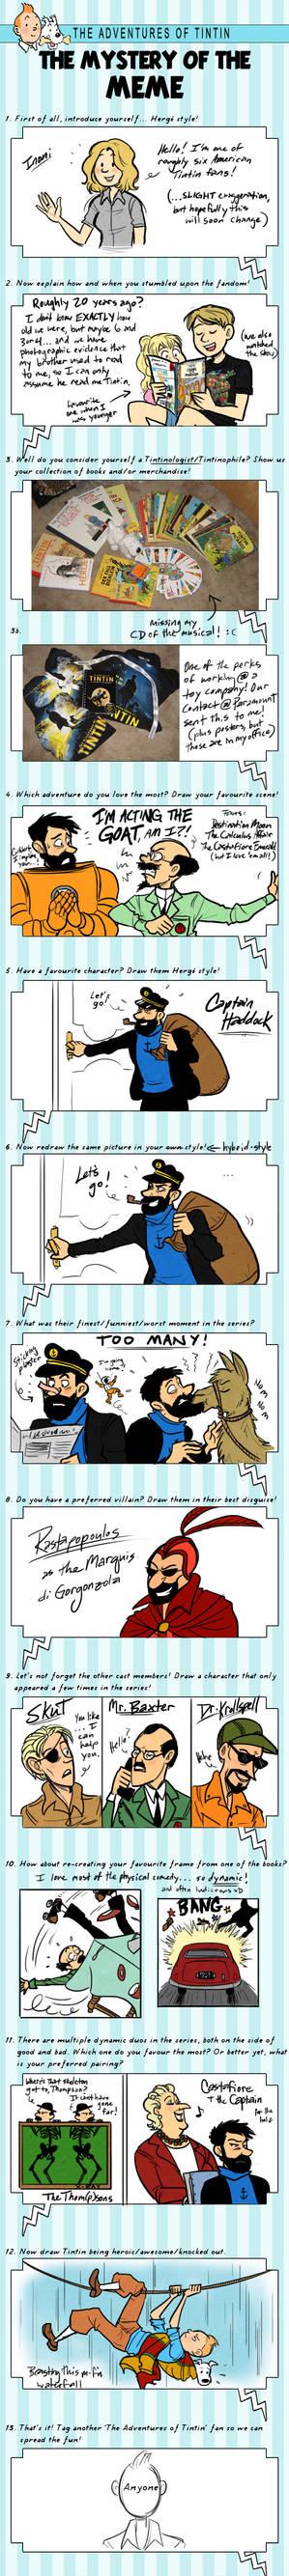 Tintin because TINTIN